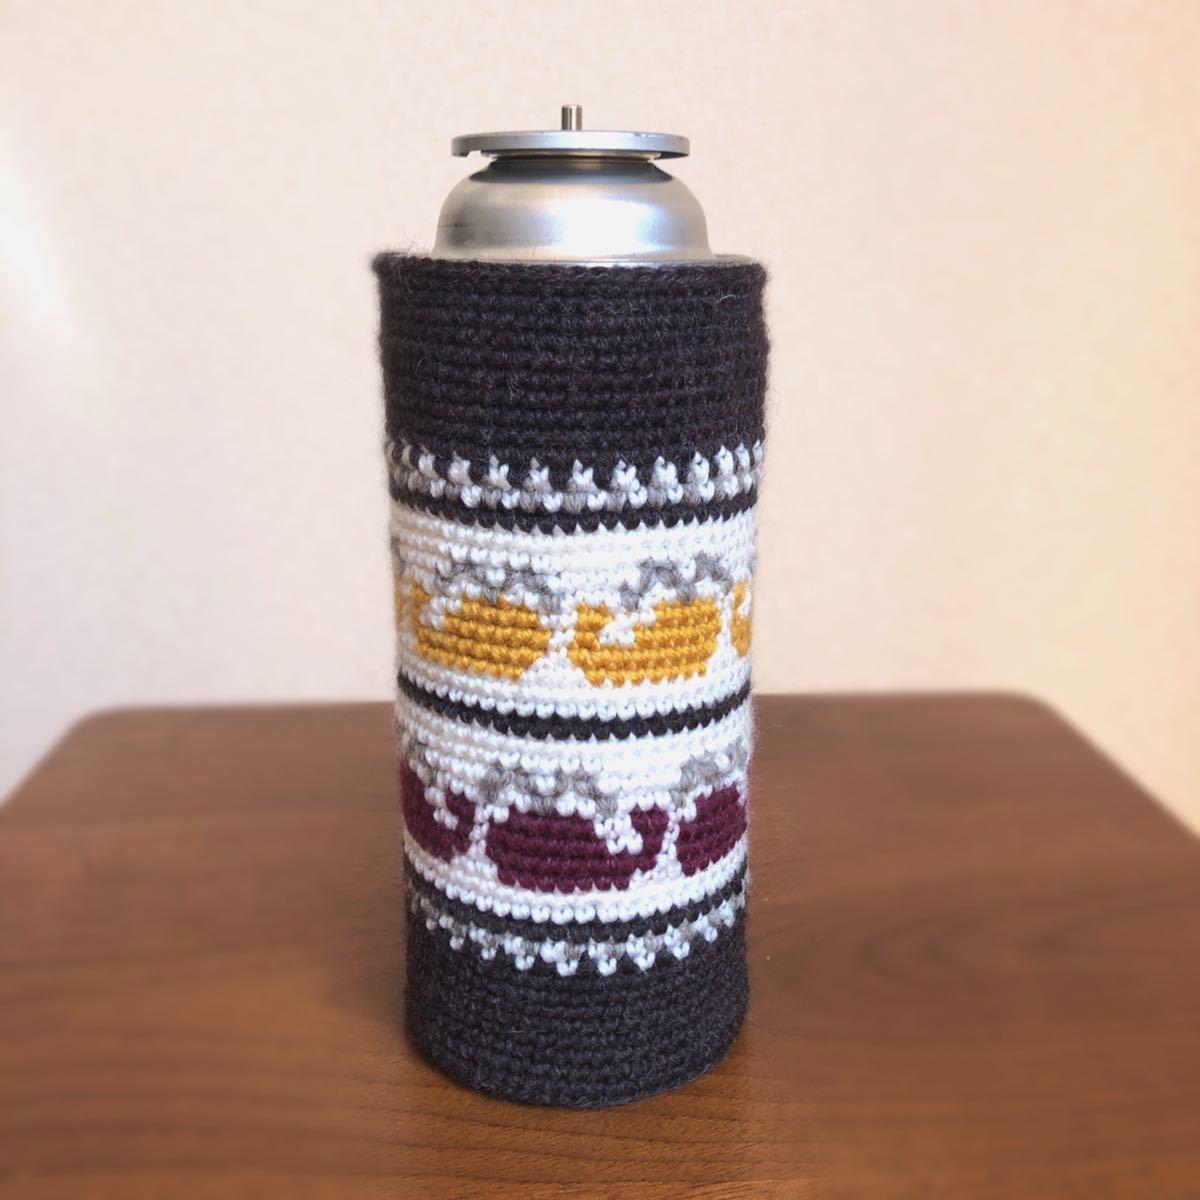 ガス缶カバー CB缶カバー ガスカートリッジカバー 手編み